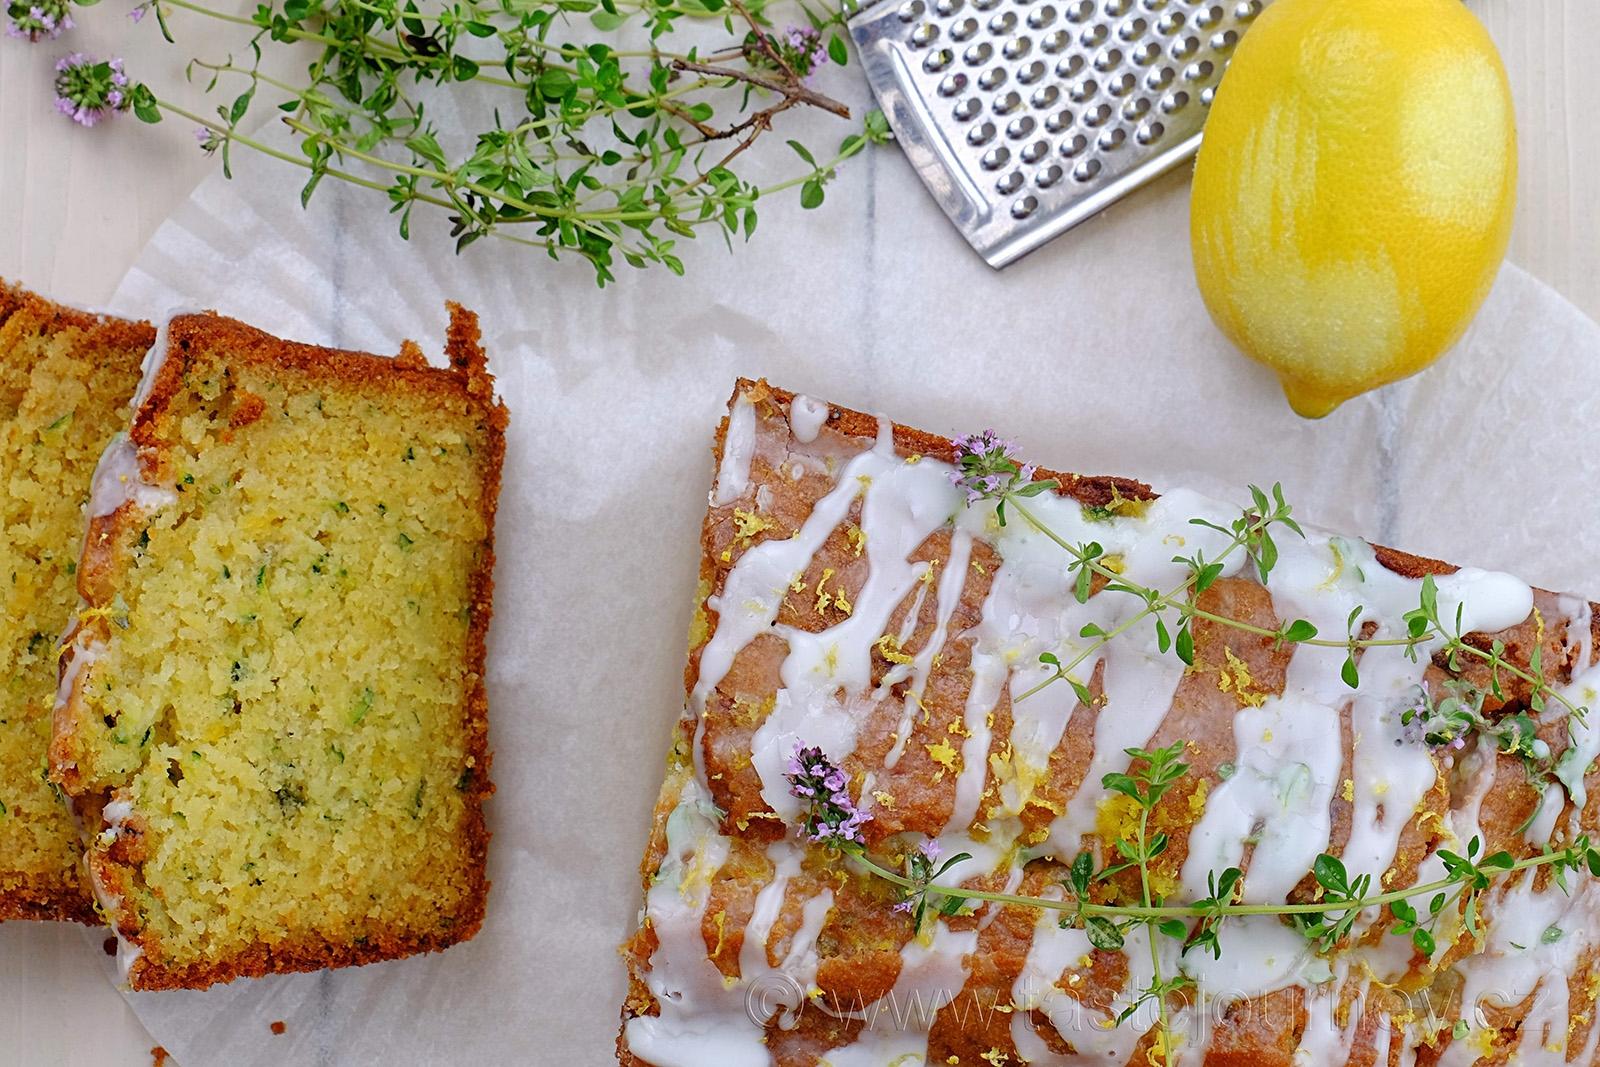 Citrónové chutě v chlebíčku s cuketkou